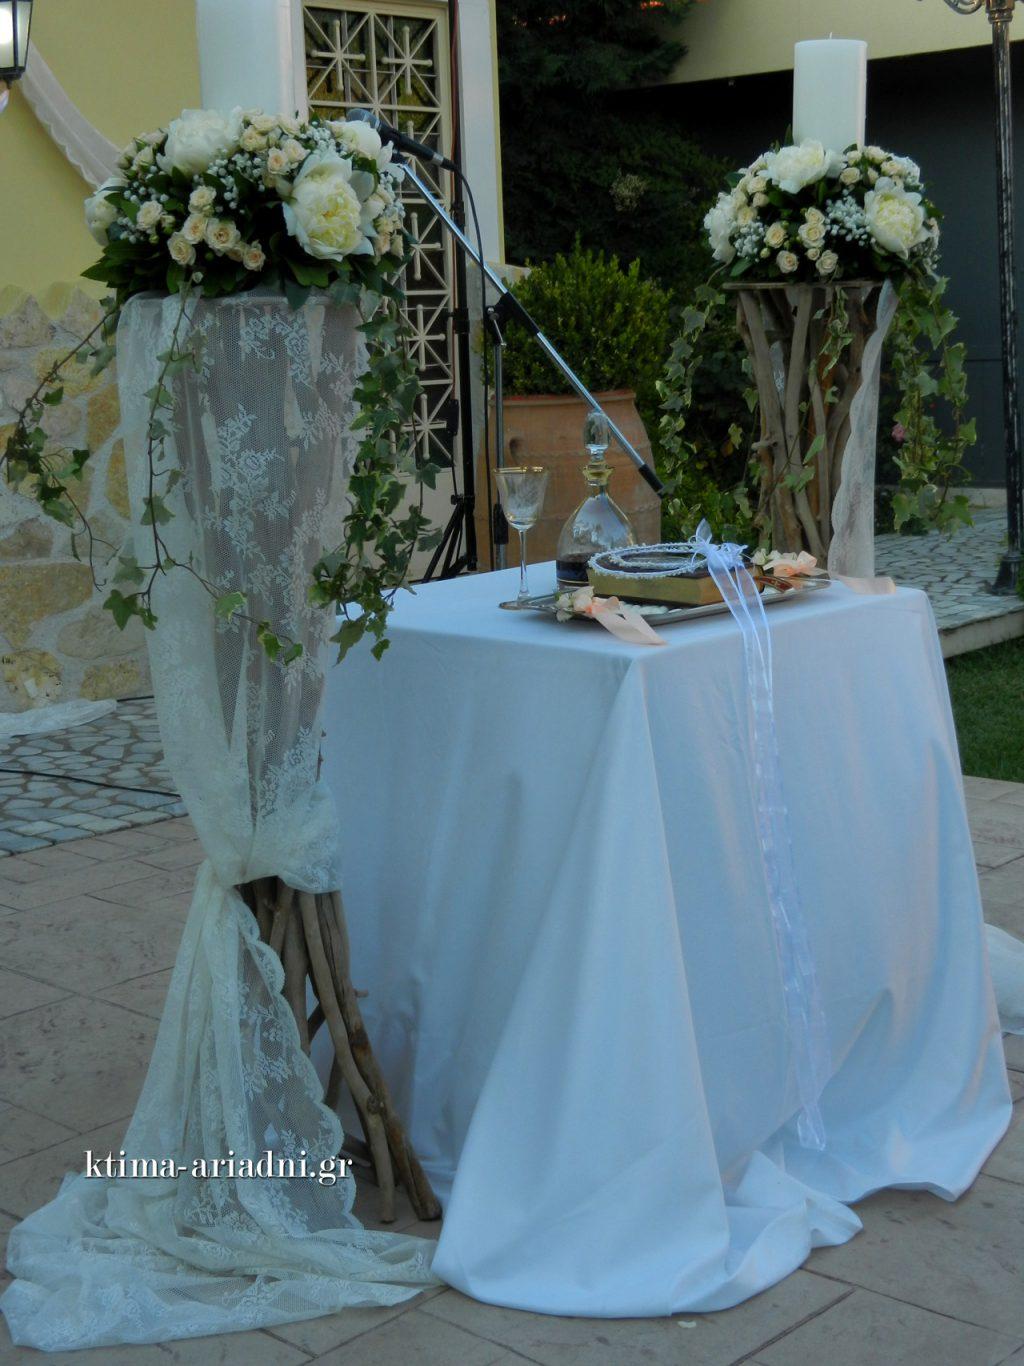 Οι λαμπάδες γάμου στολίστηκαν σύμφωνα με το concept του στολισμού της εκκλησίας. Φροντίζουμε πάντα να τοποθετούμε με προσοχή στο τραπέζι όλα τα απαραίτητα για το μυστήριο, όπως το κρασί στο μπουκάλι και τον δίσκο με τα στέφανα γάμου.